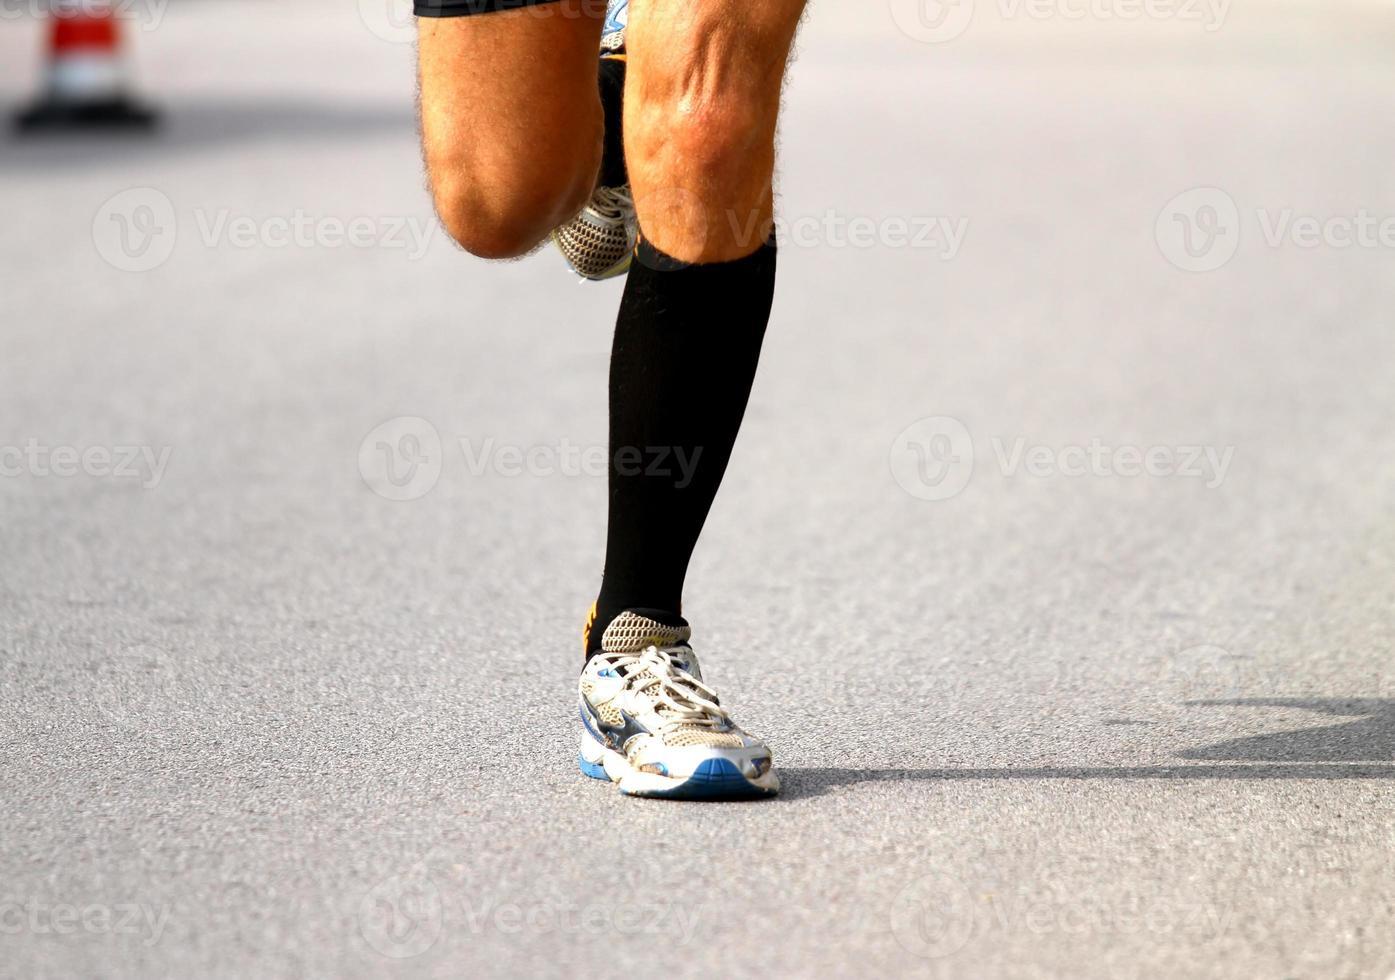 schneller Läufer mit Turnschuhen während des Marathons auf der Straße foto